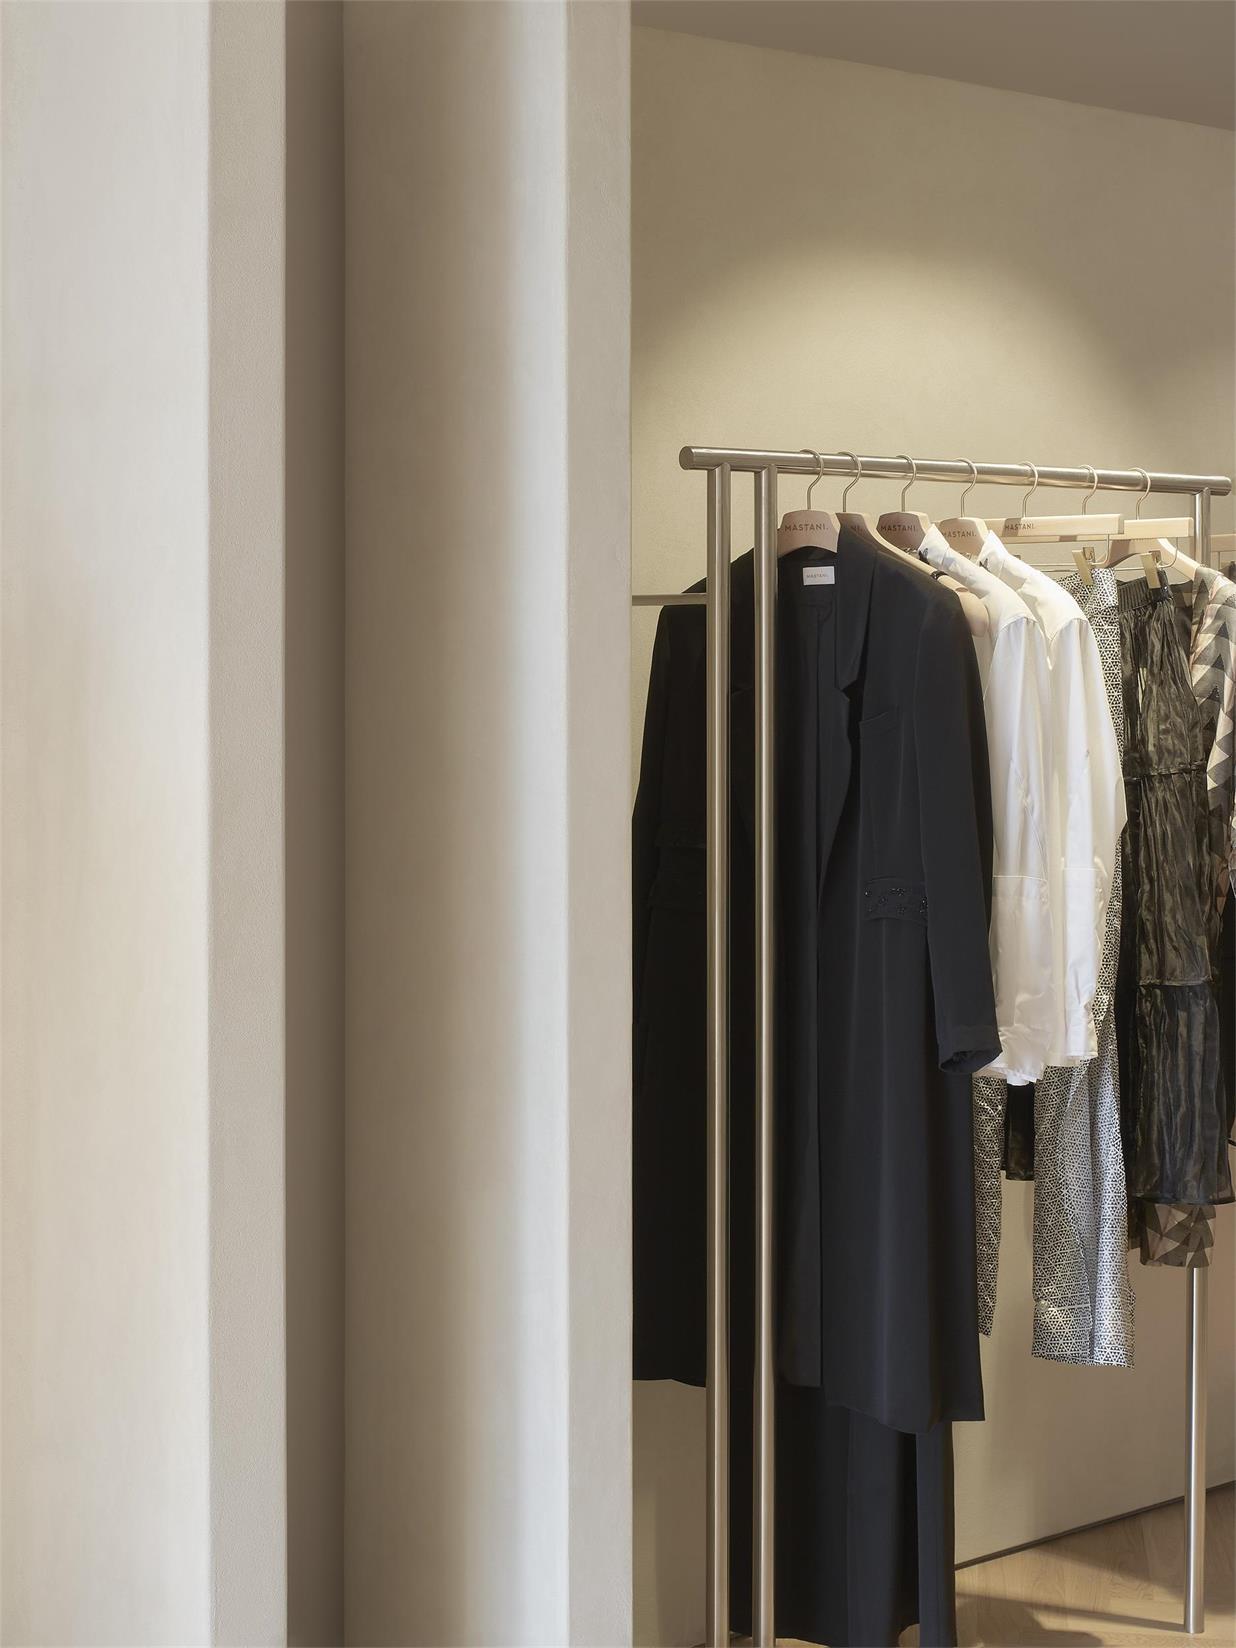 服装店不锈钢衣架设计